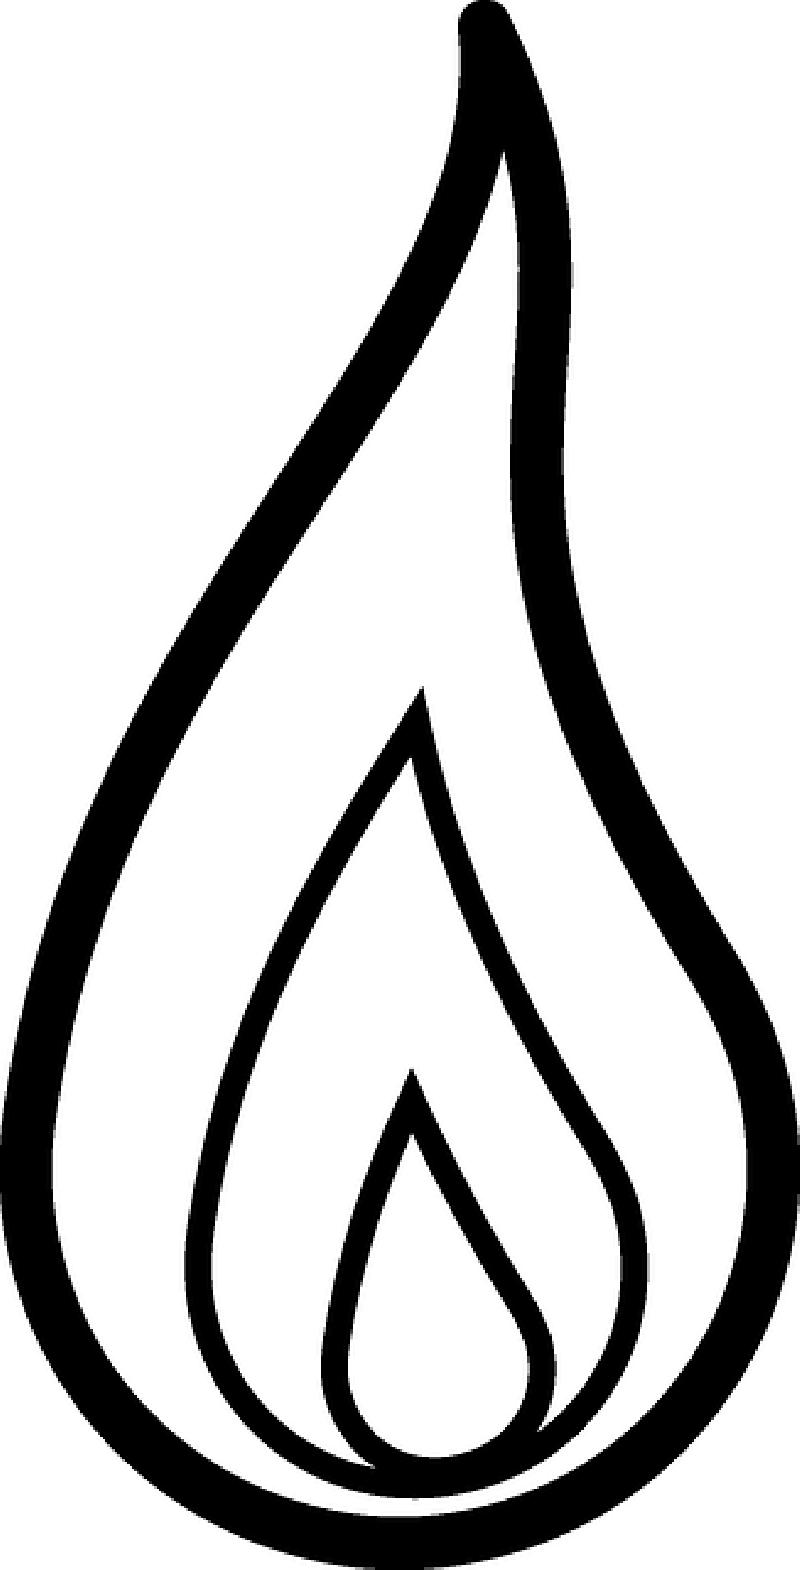 Flames drawn